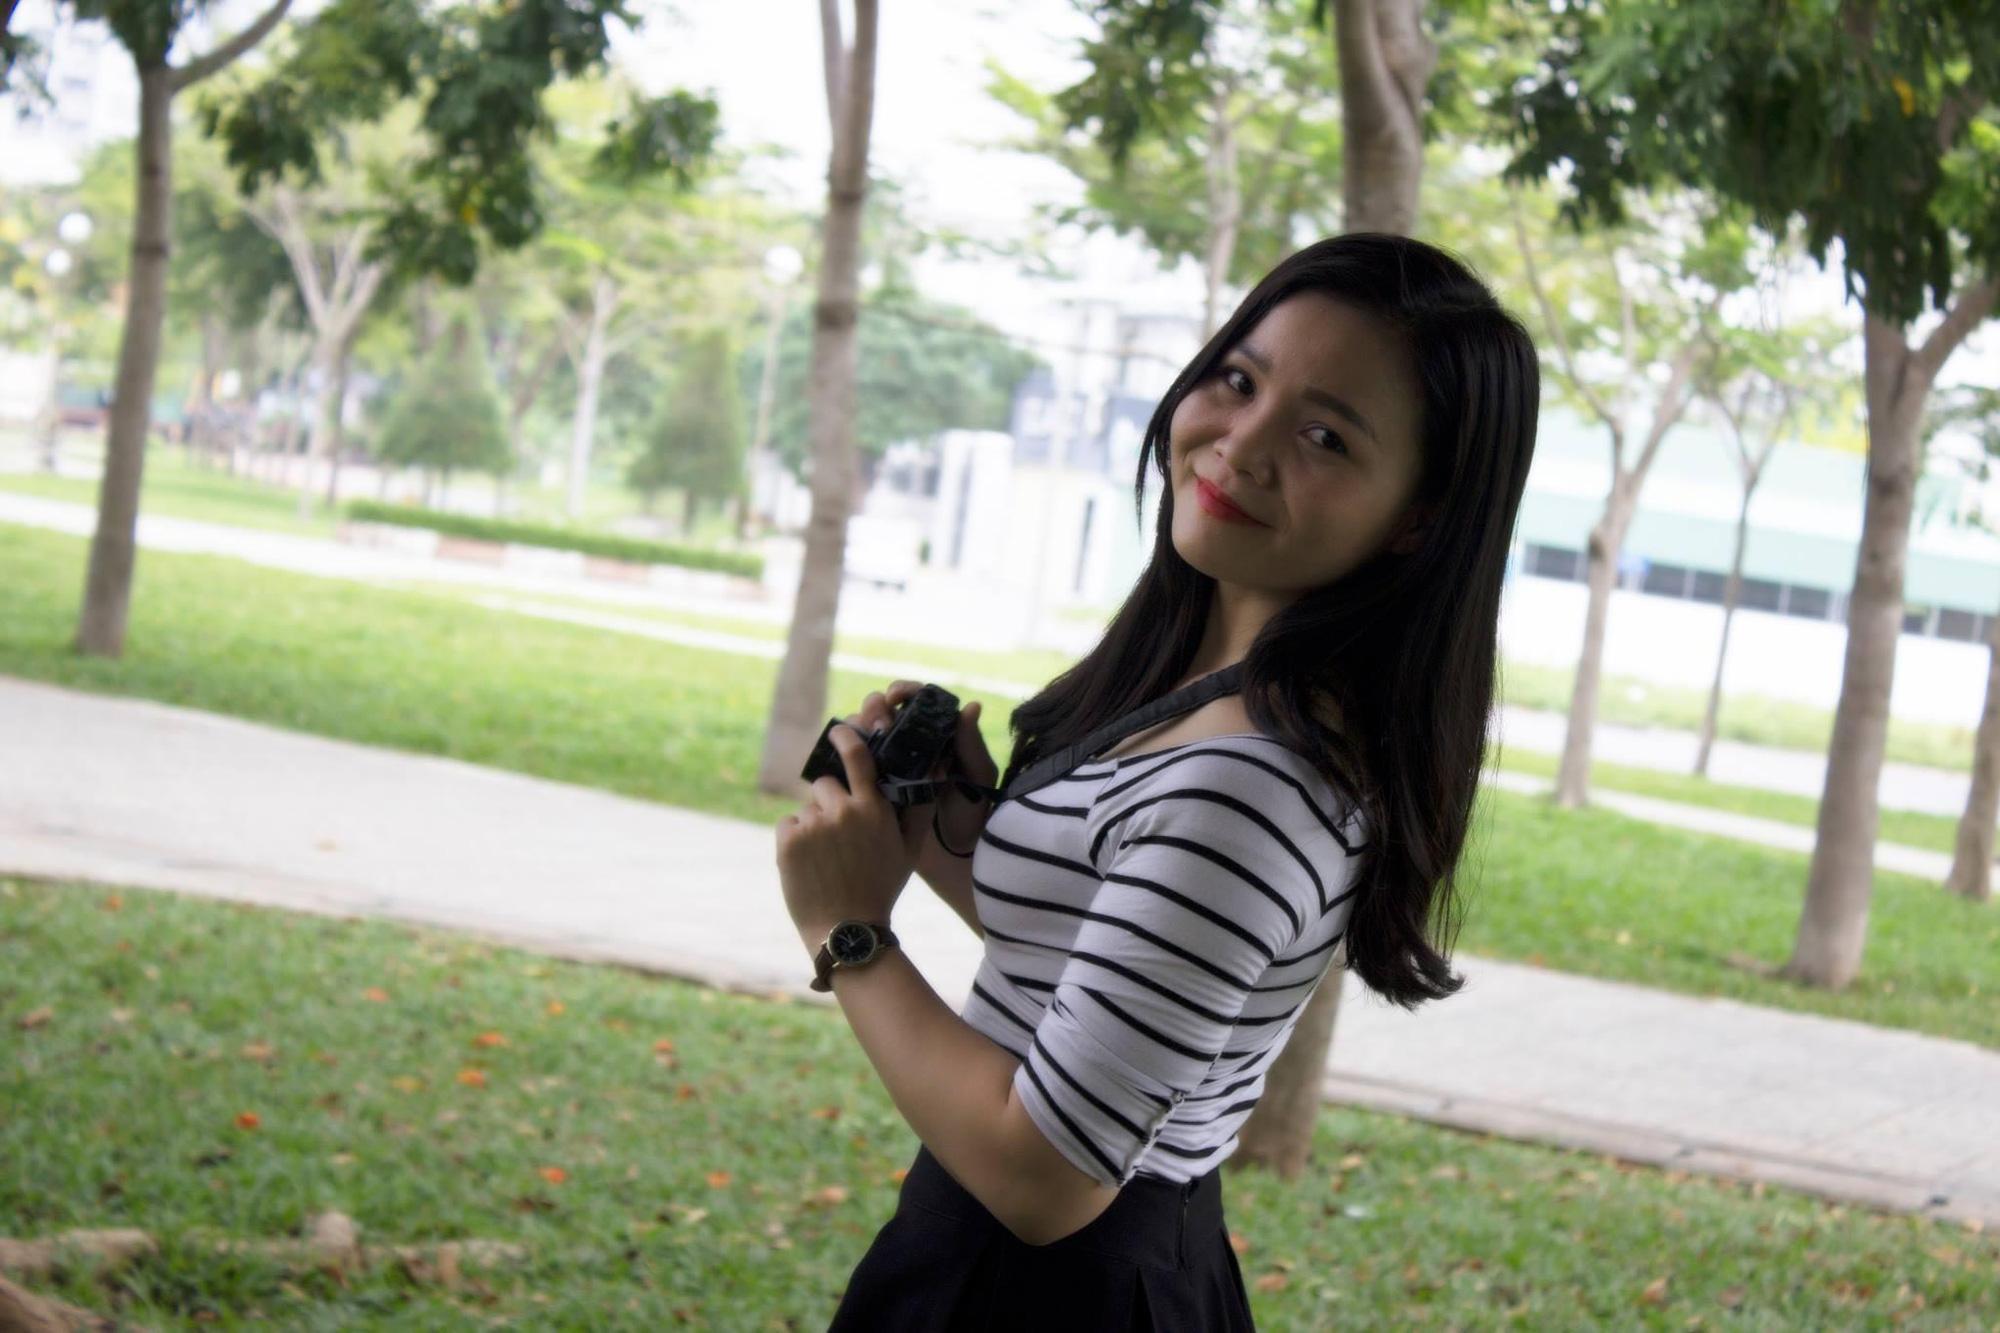 Lương 9 triệu/ tháng, nữ nhân viên 9X tiết lộ bí kíp mua nhà tiền tỷ giữa Sài Gòn - Ảnh 1.